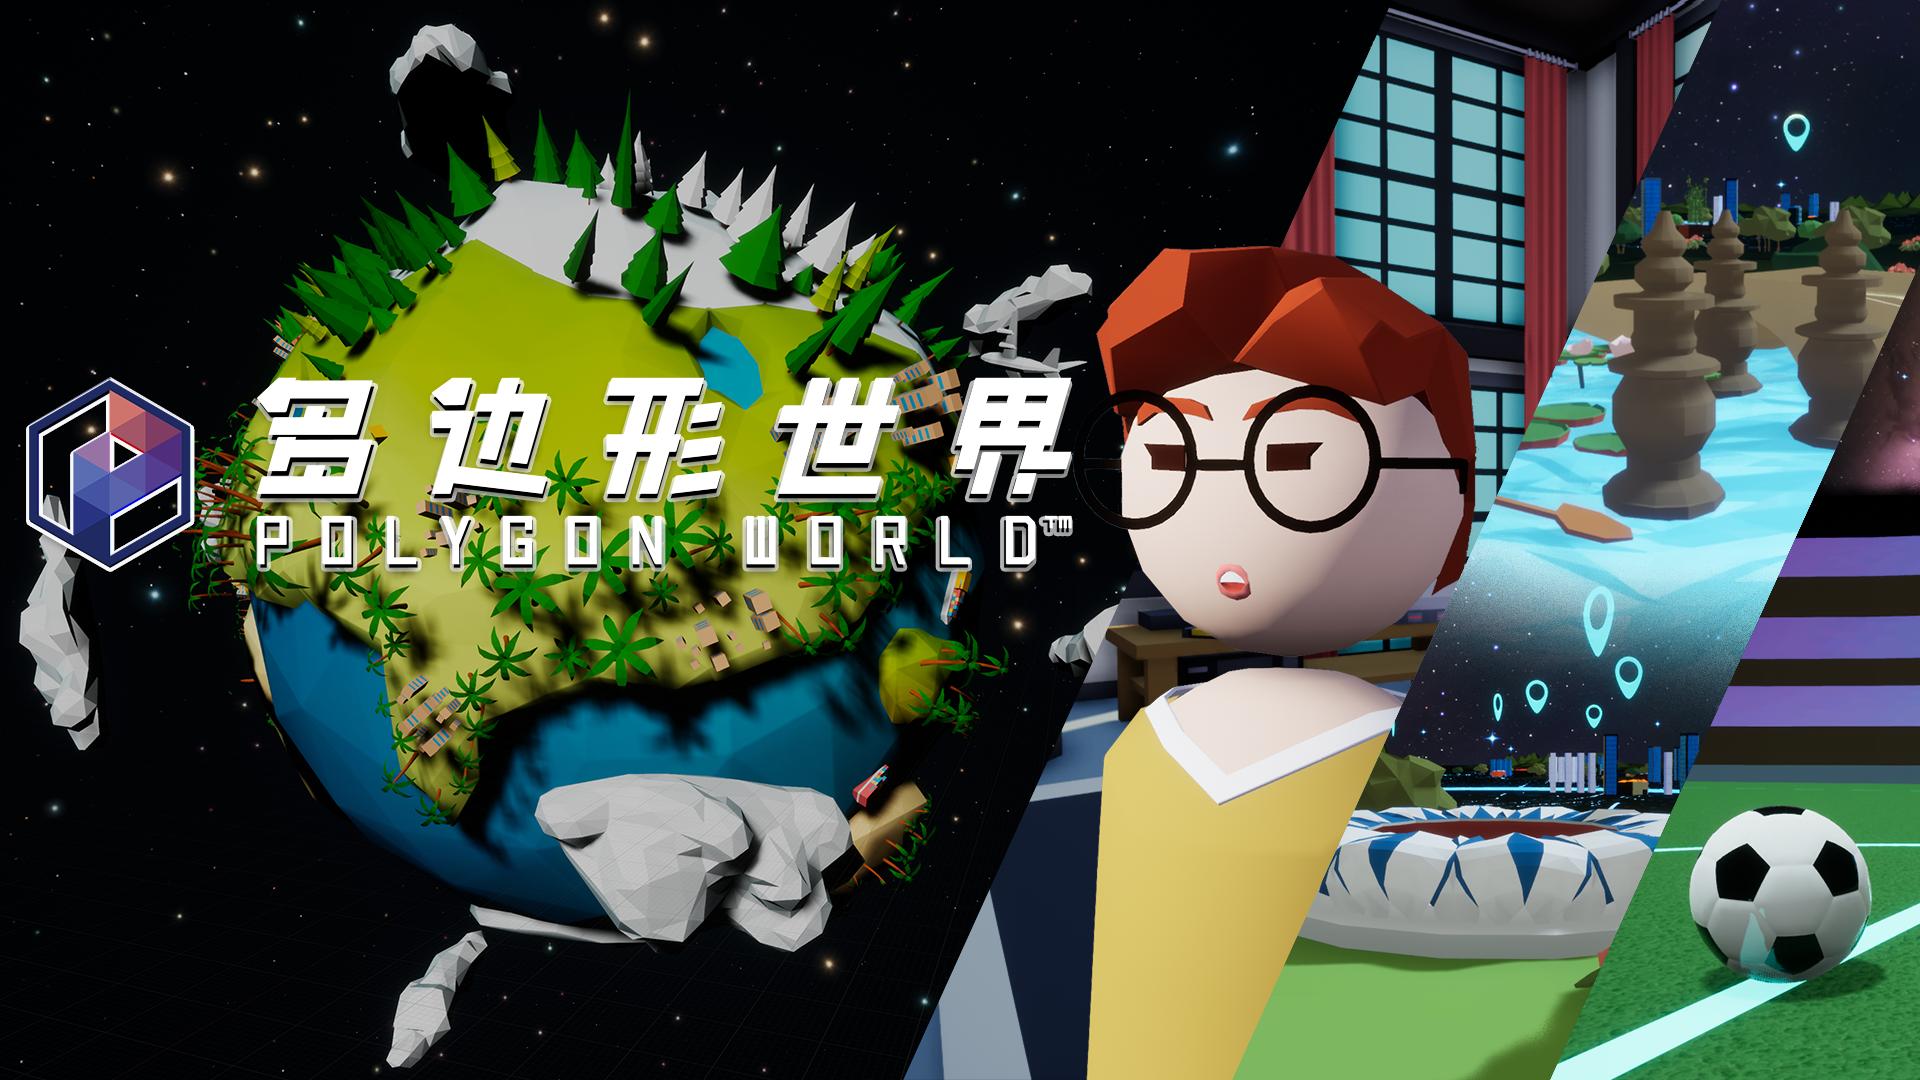 虚拟人科技将参展2021年Chinajoy并发布跨端联机VR社交平台《多边形世界VR》预告片与试玩